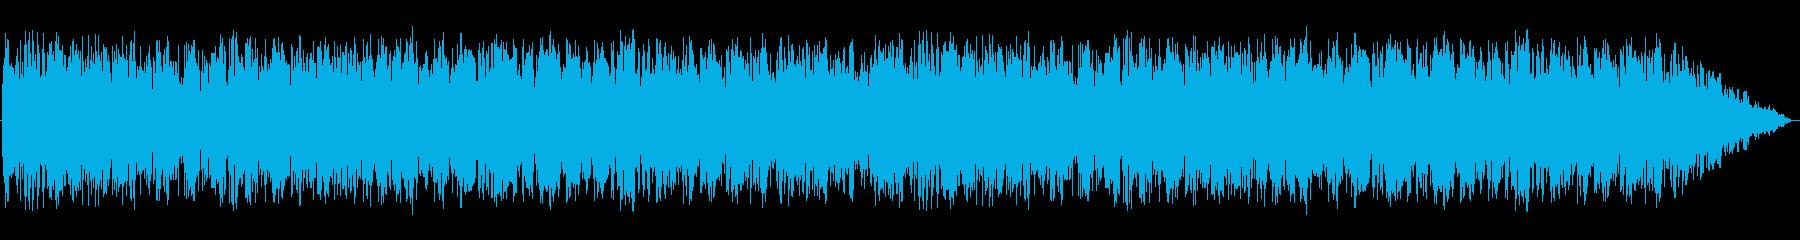 自動販売機もしくは機械音の再生済みの波形